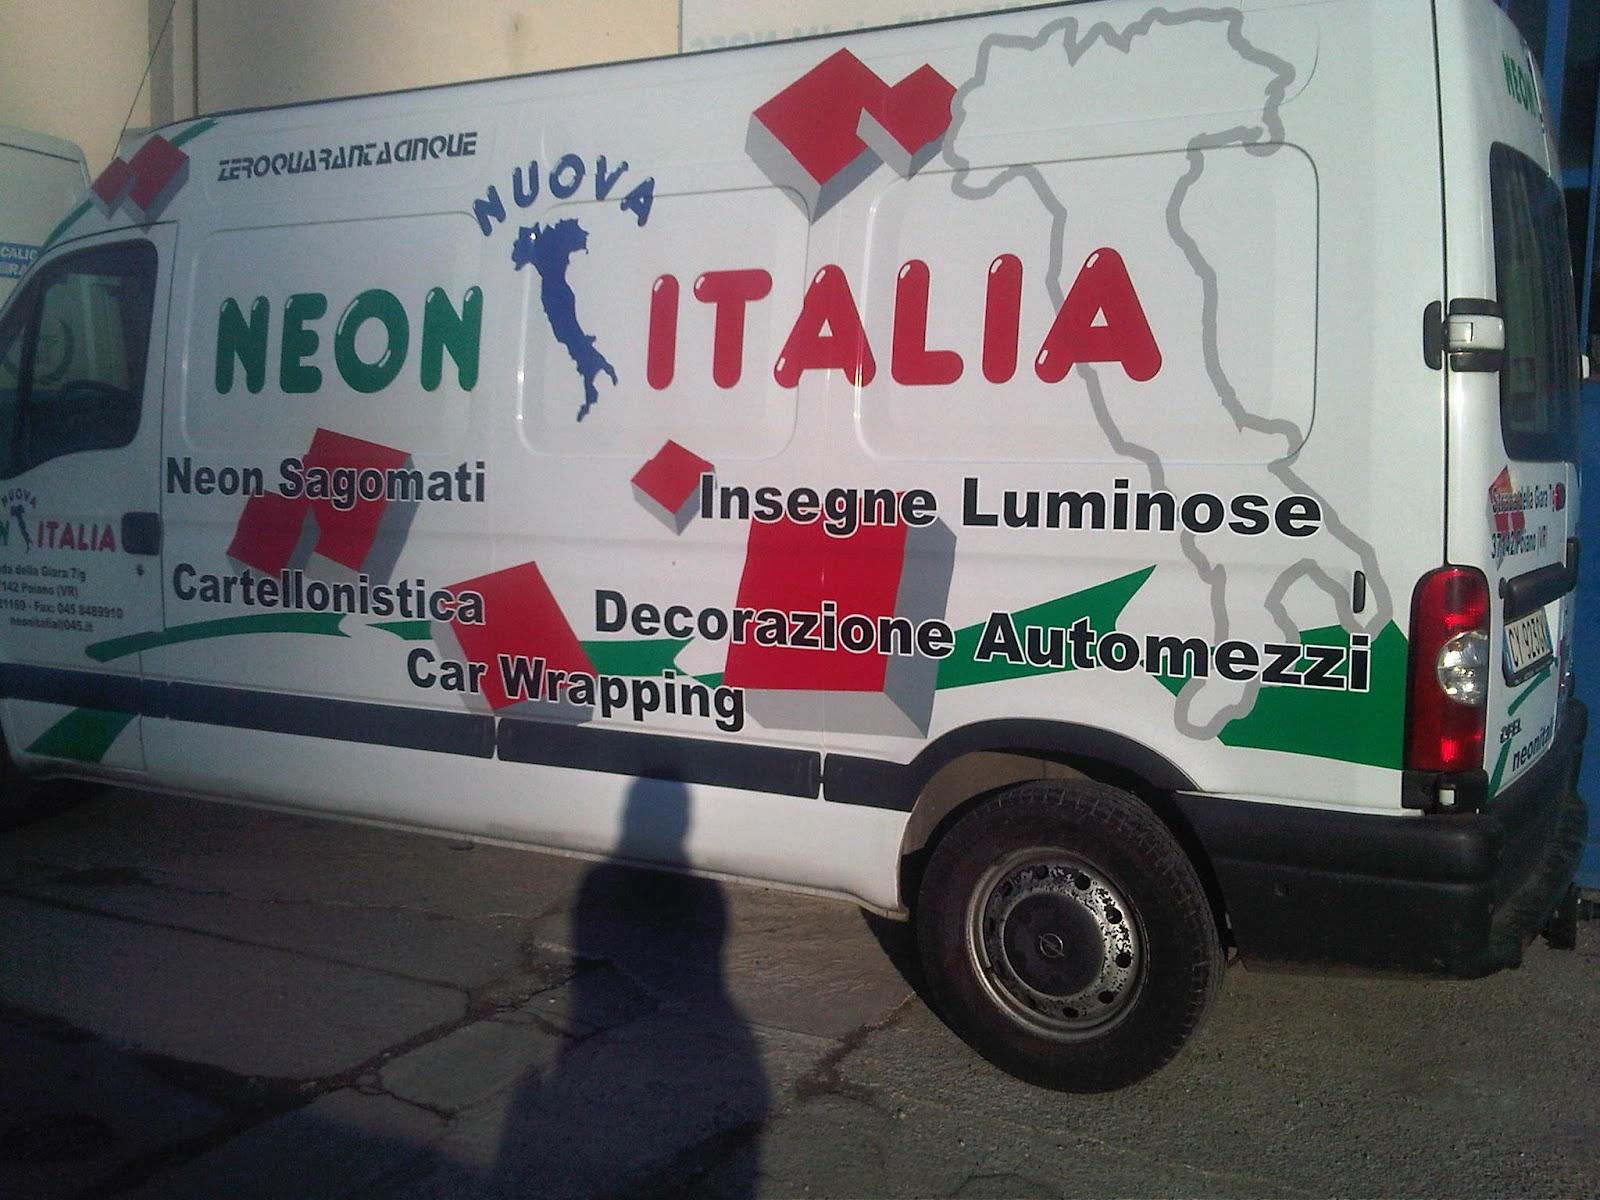 Nuova neon italia srl decorazioni automezzi for Wenko italia srl